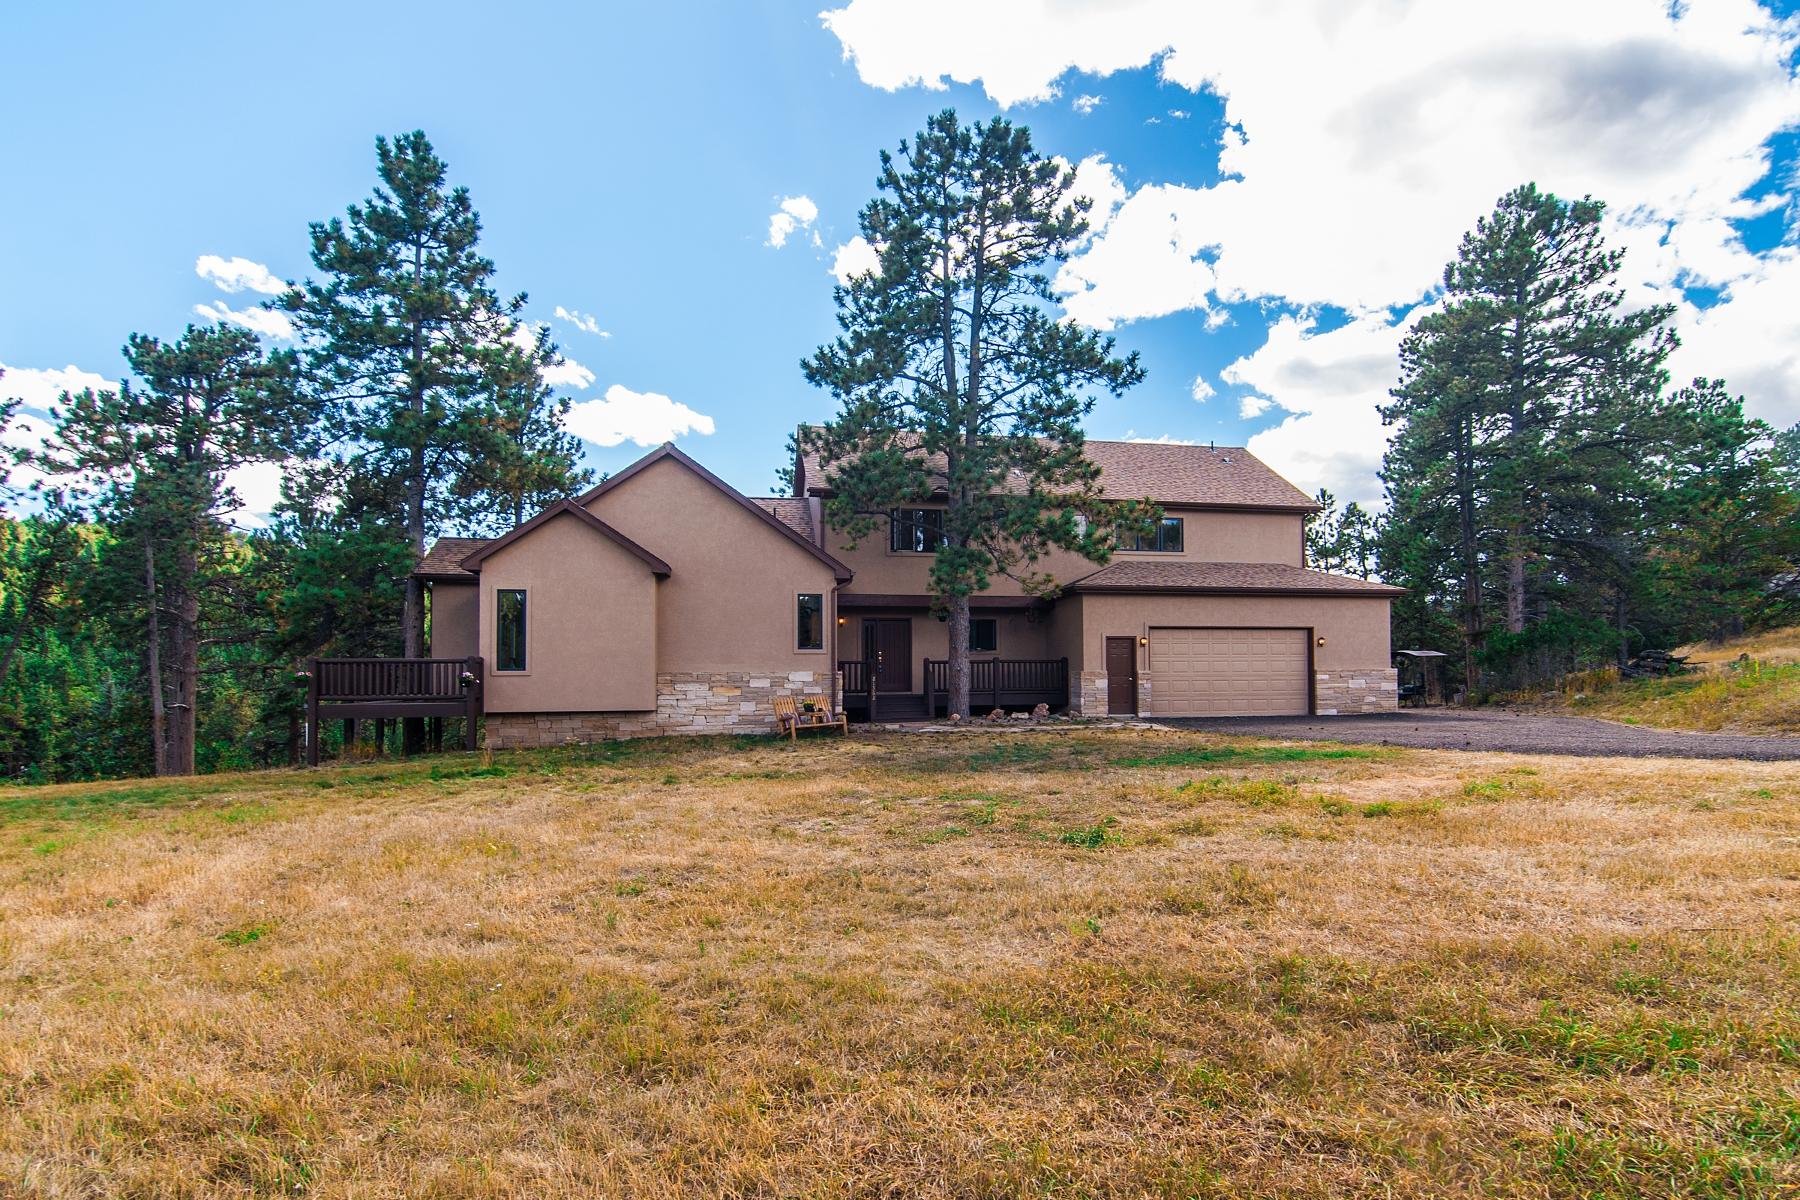 Maison unifamiliale pour l Vente à Tranquil Location with Beautiful Mountain Views 21362 Twin Peaks Lane Morrison, Colorado 80465 États-Unis